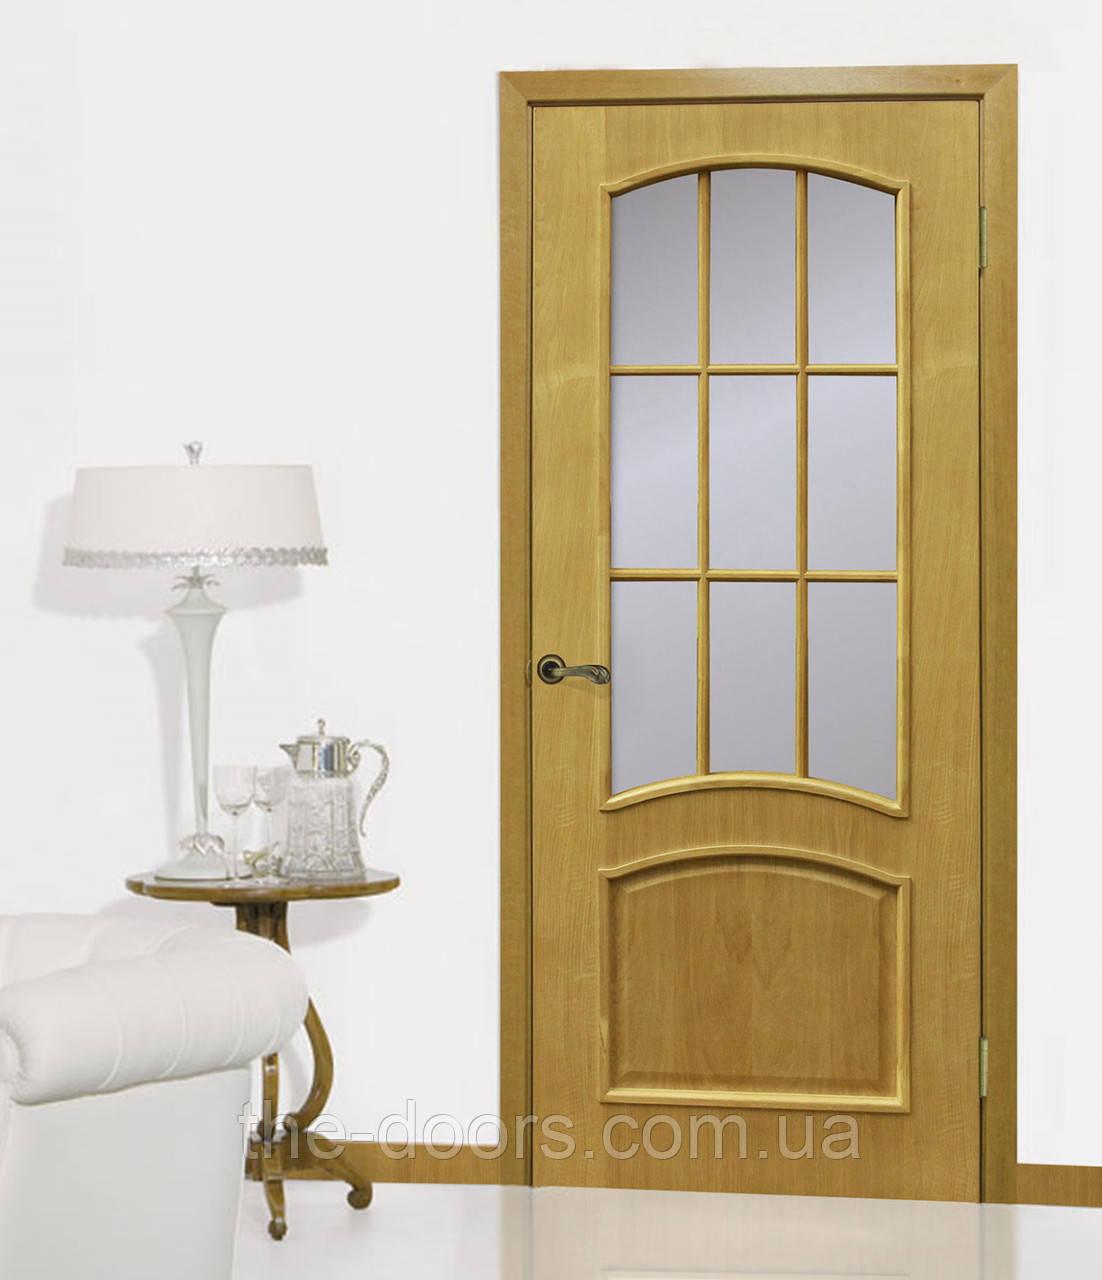 Двері Omis Капрі ПО натуральний шпон